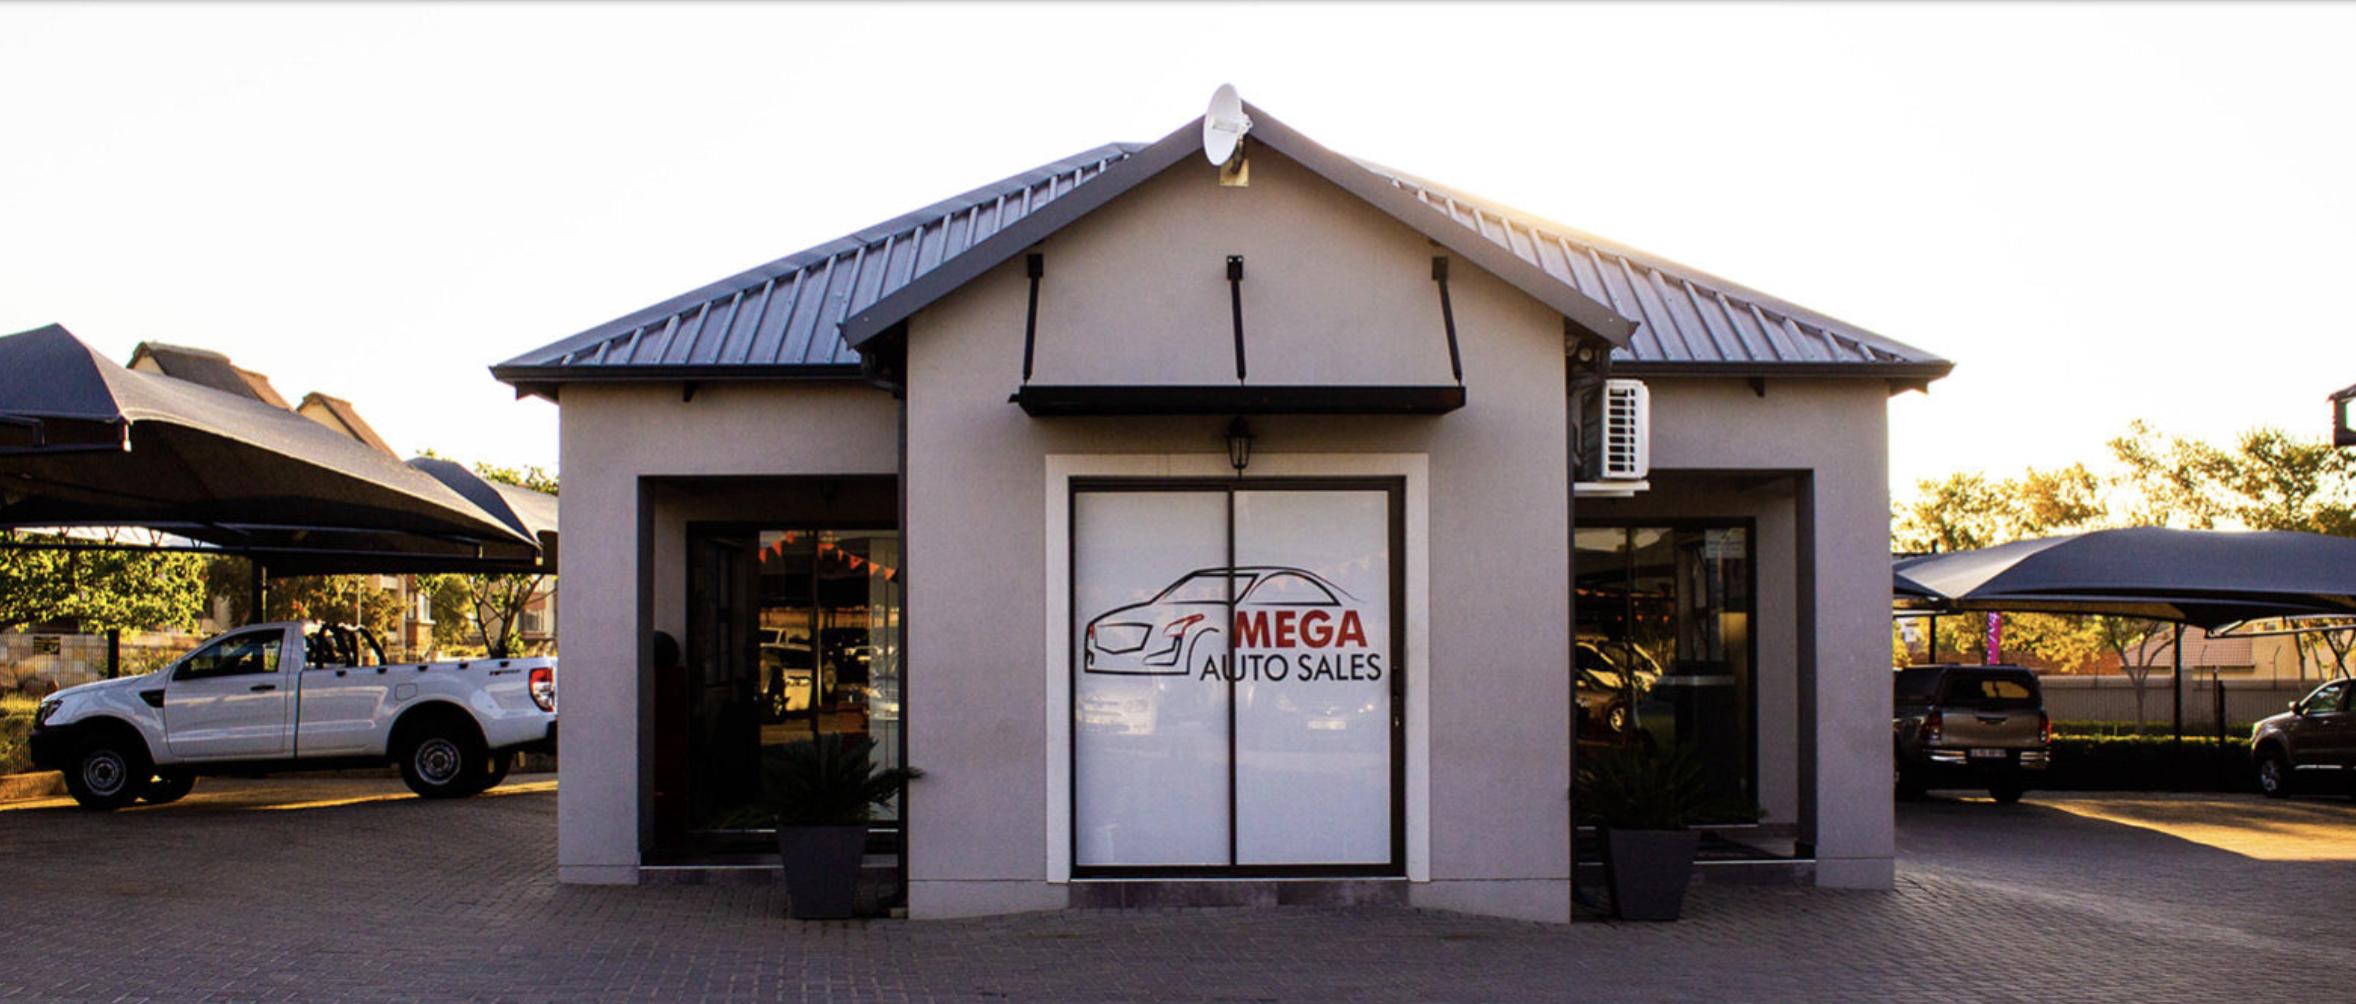 mega auto sales